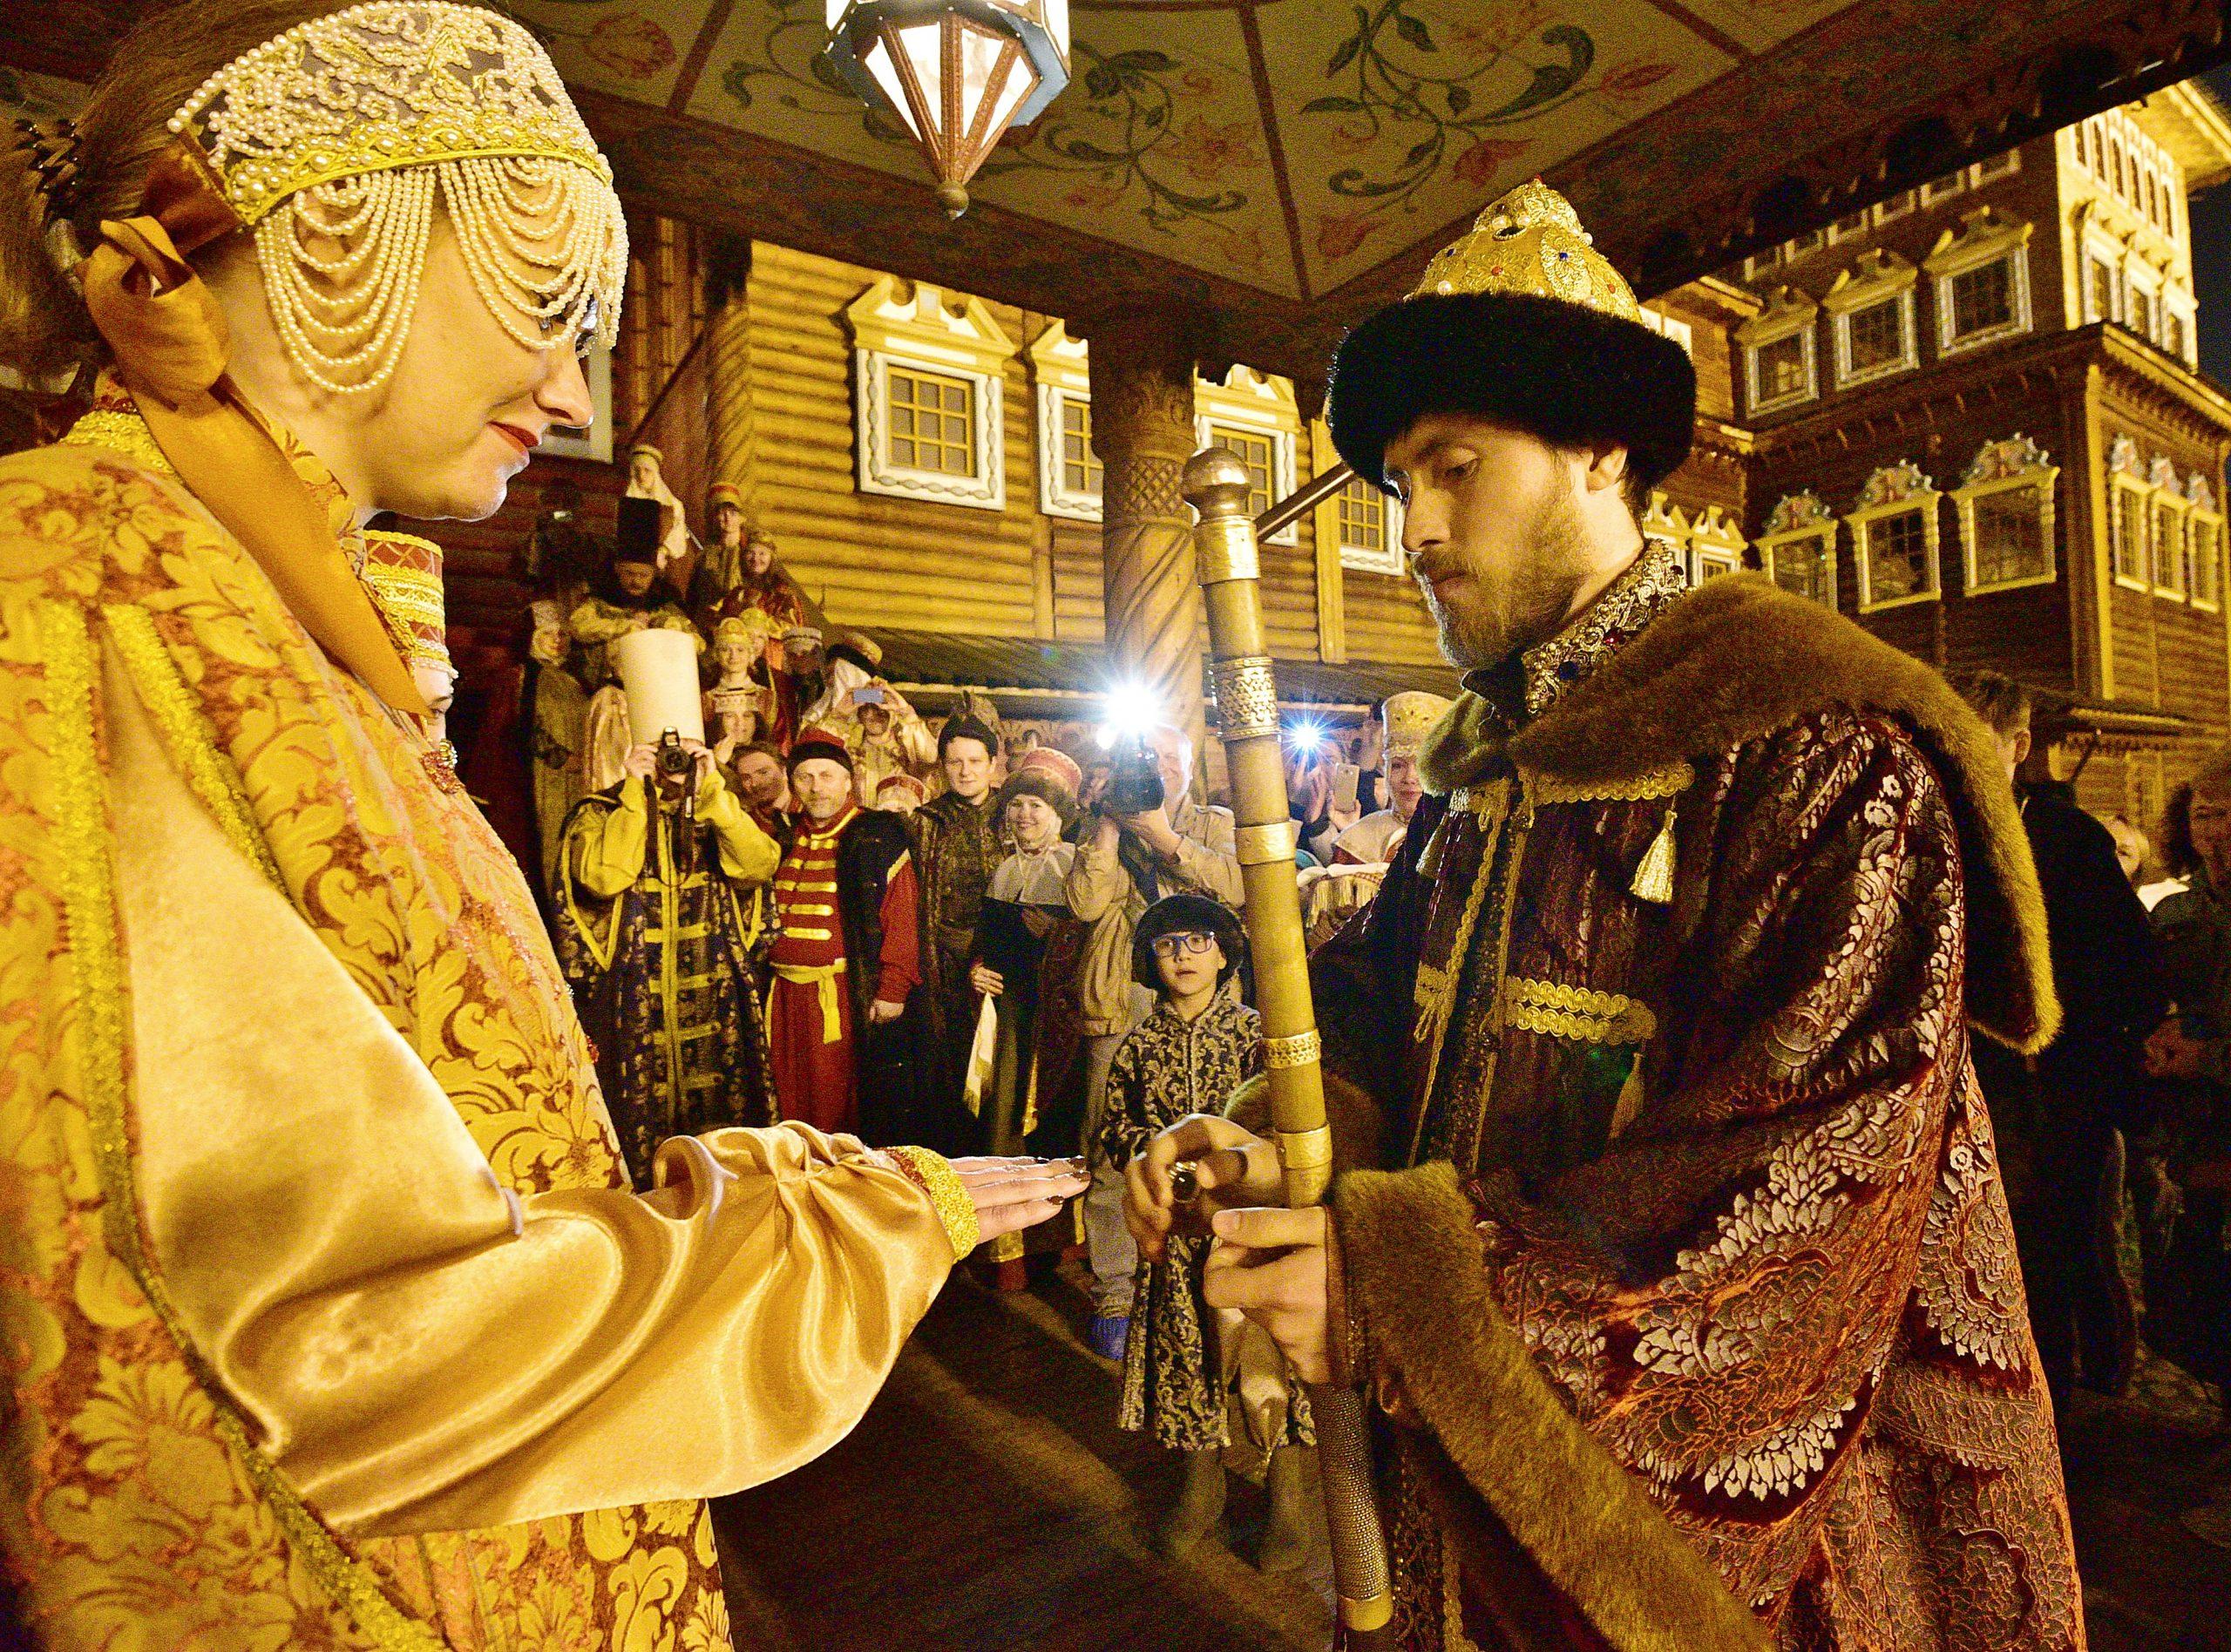 Жизнь во дворце: музейное занятие проведут в «Коломенском»